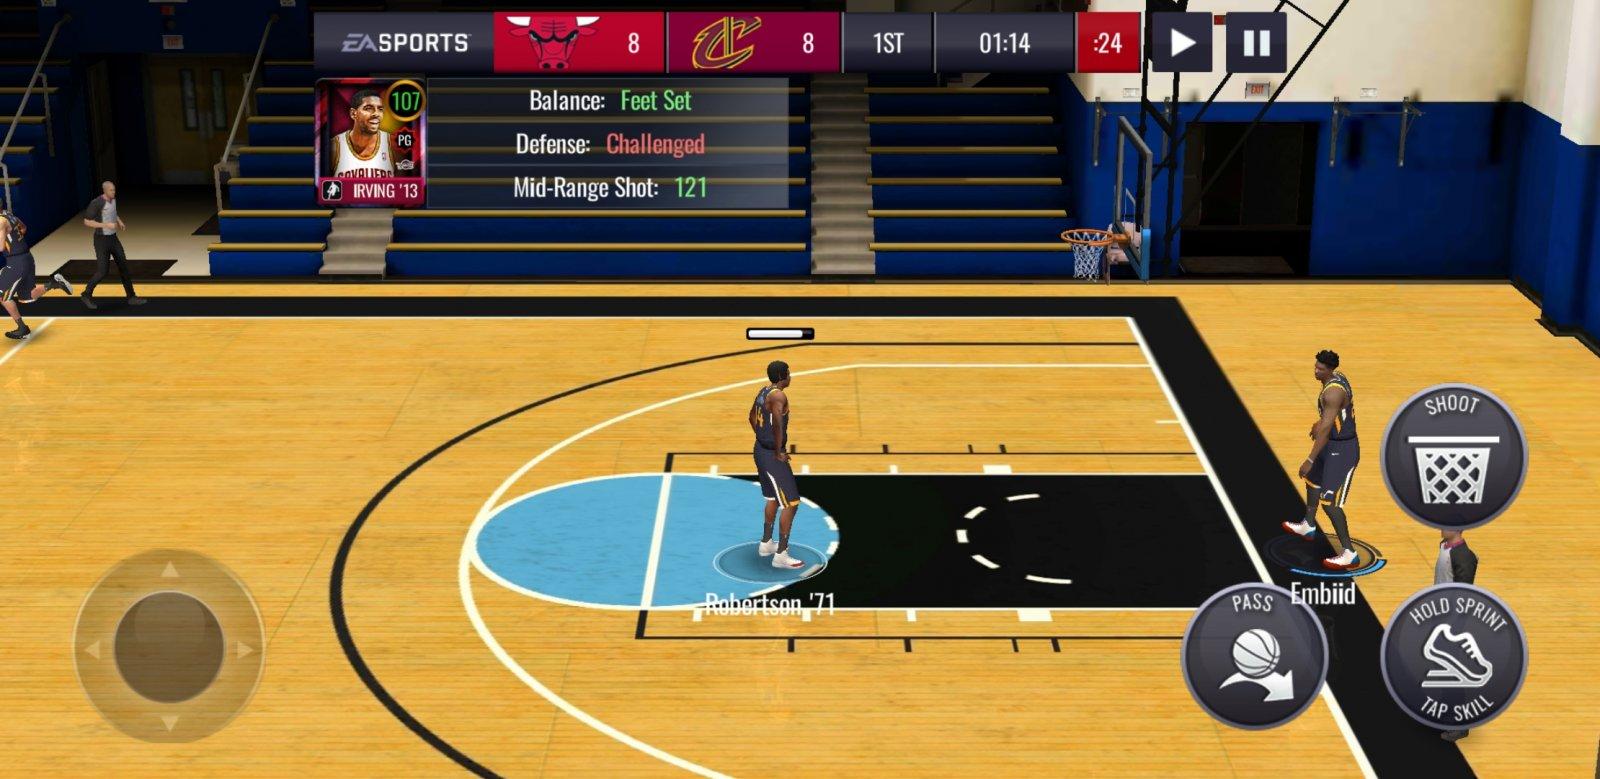 Screenshot_20200803-200744_NBA LIVE.jpg